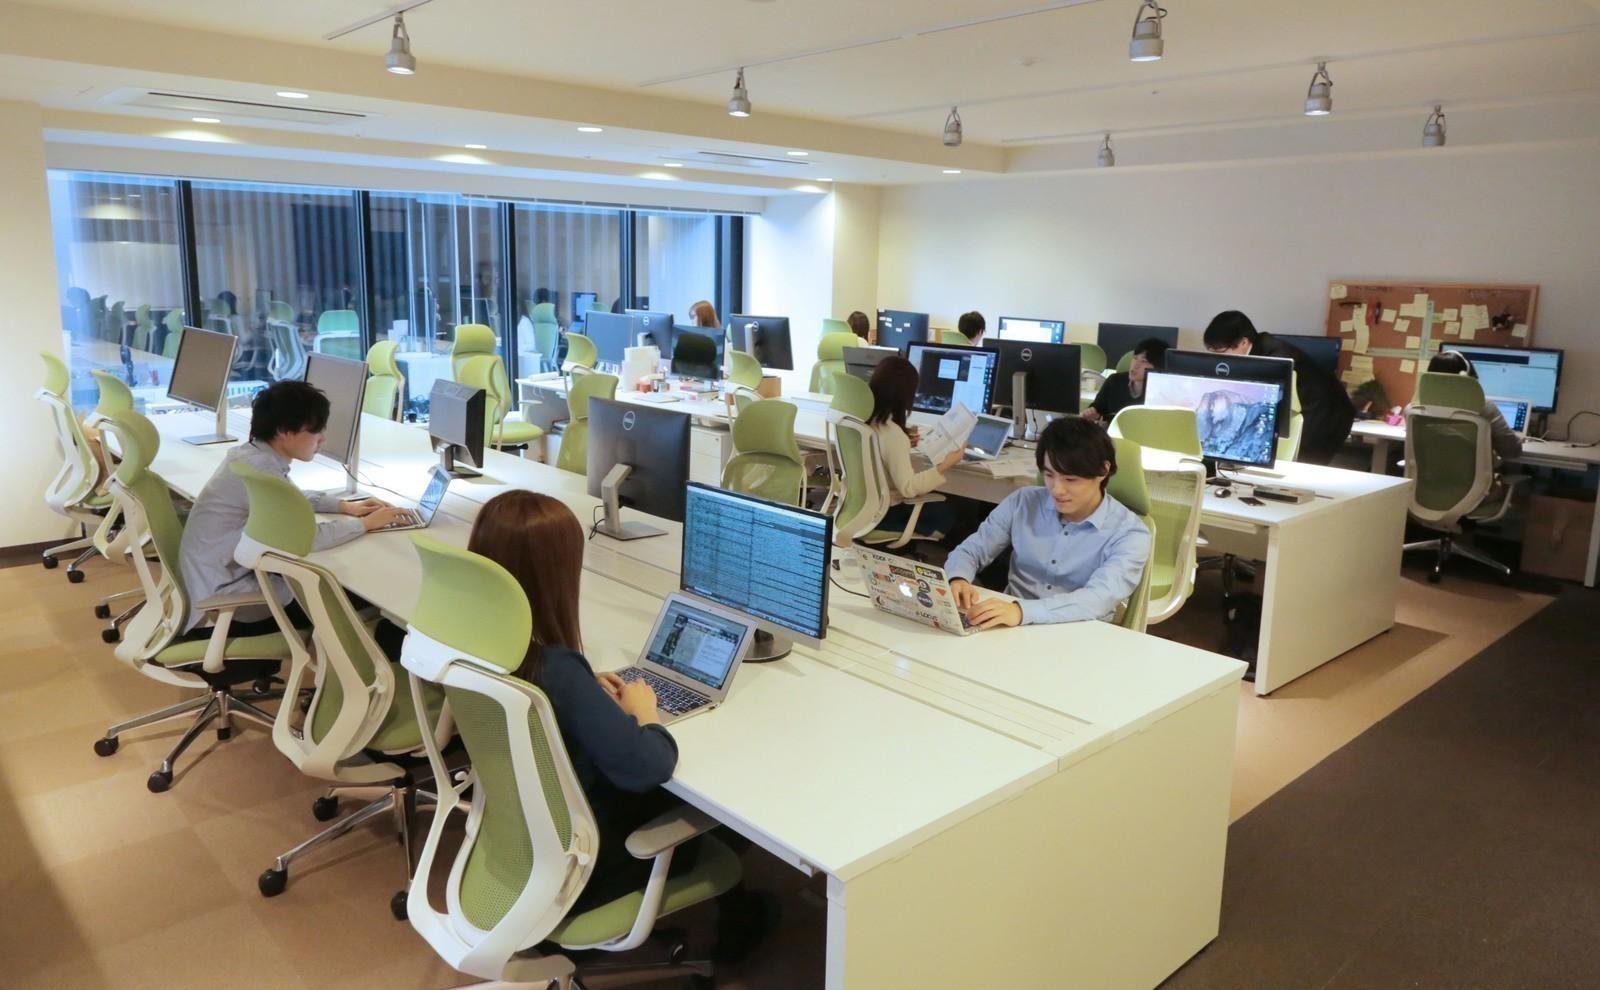 マイクロサービス化を推進できる、大規模広告配信システムを支えるインフラエンジニア募集!